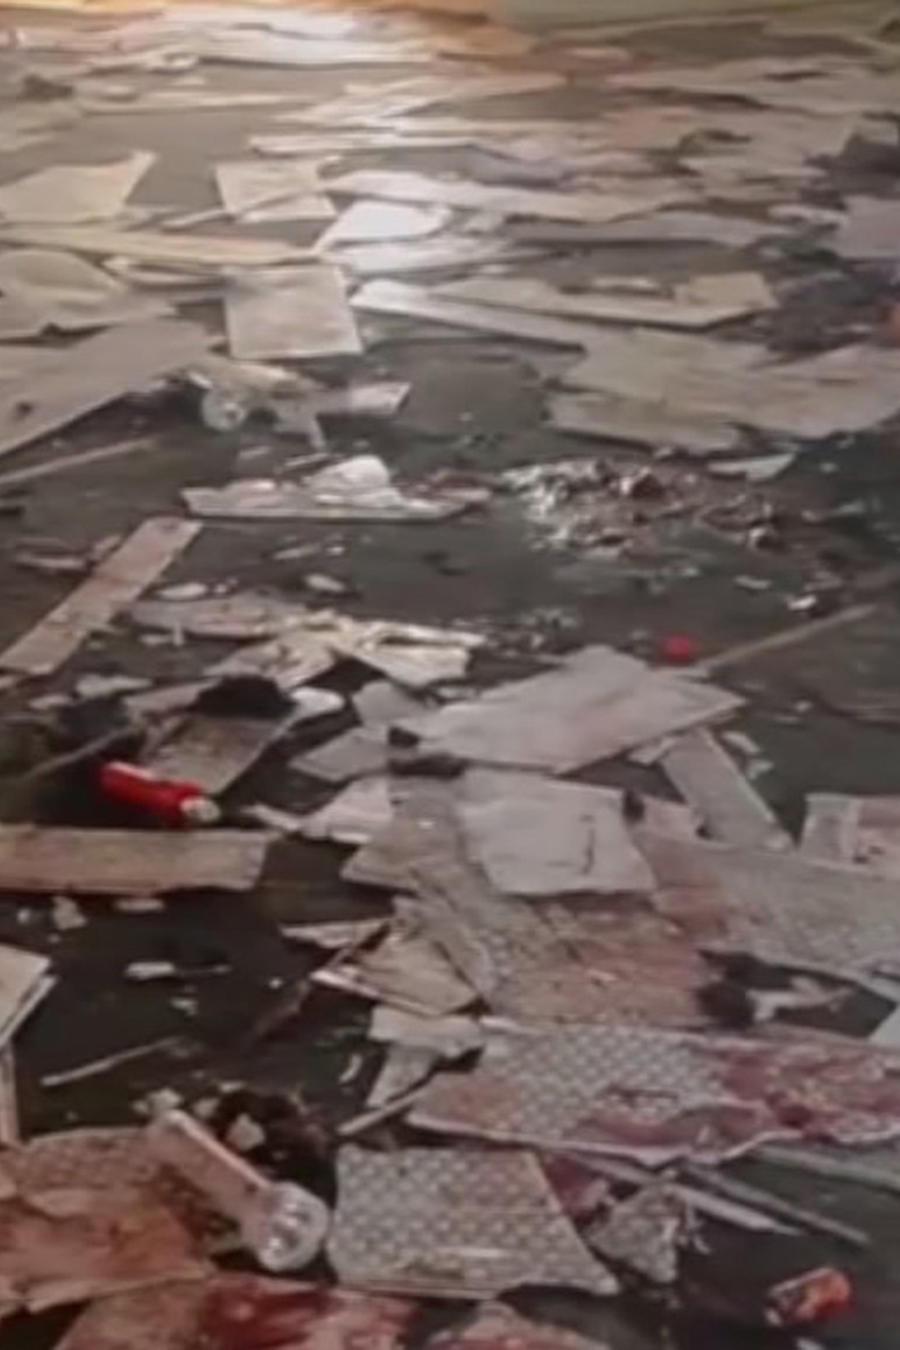 Documentos tirados en el piso de la mezquita donde ocurrió el ataque